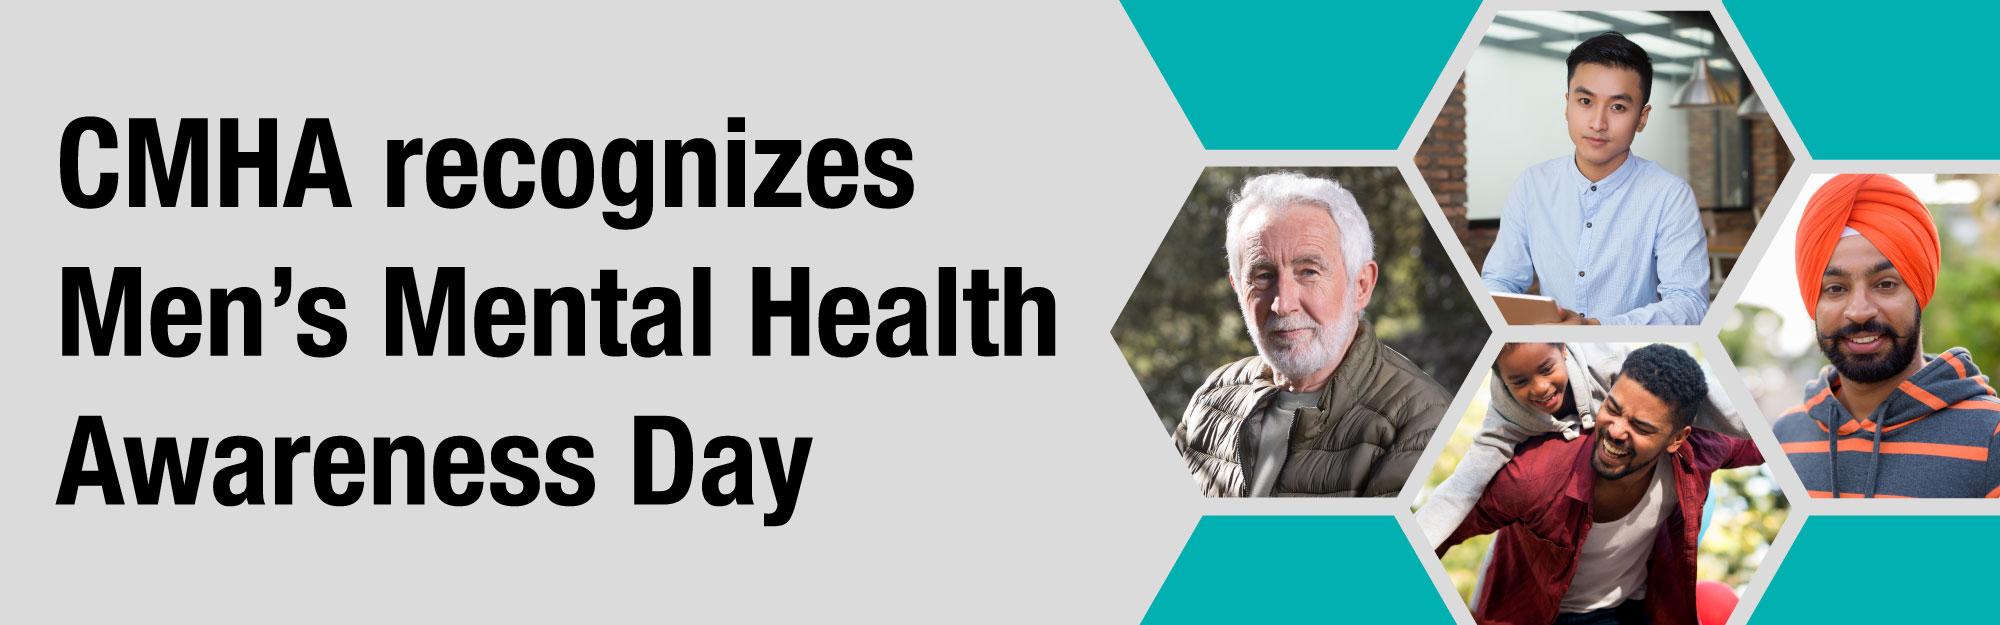 Men's Mental Health Awareness Day